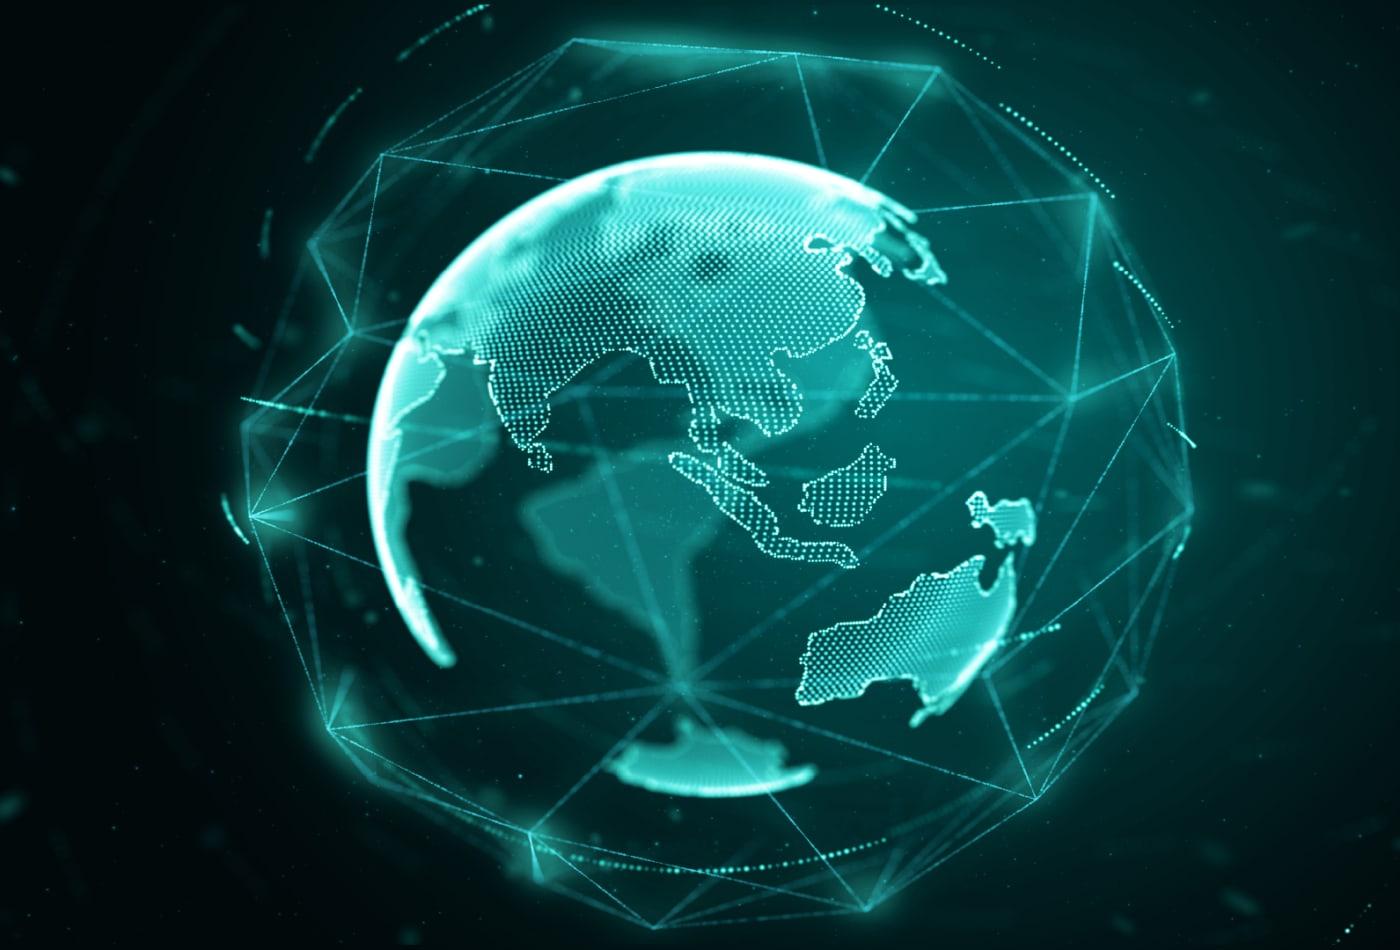 Baap ATM worldwide